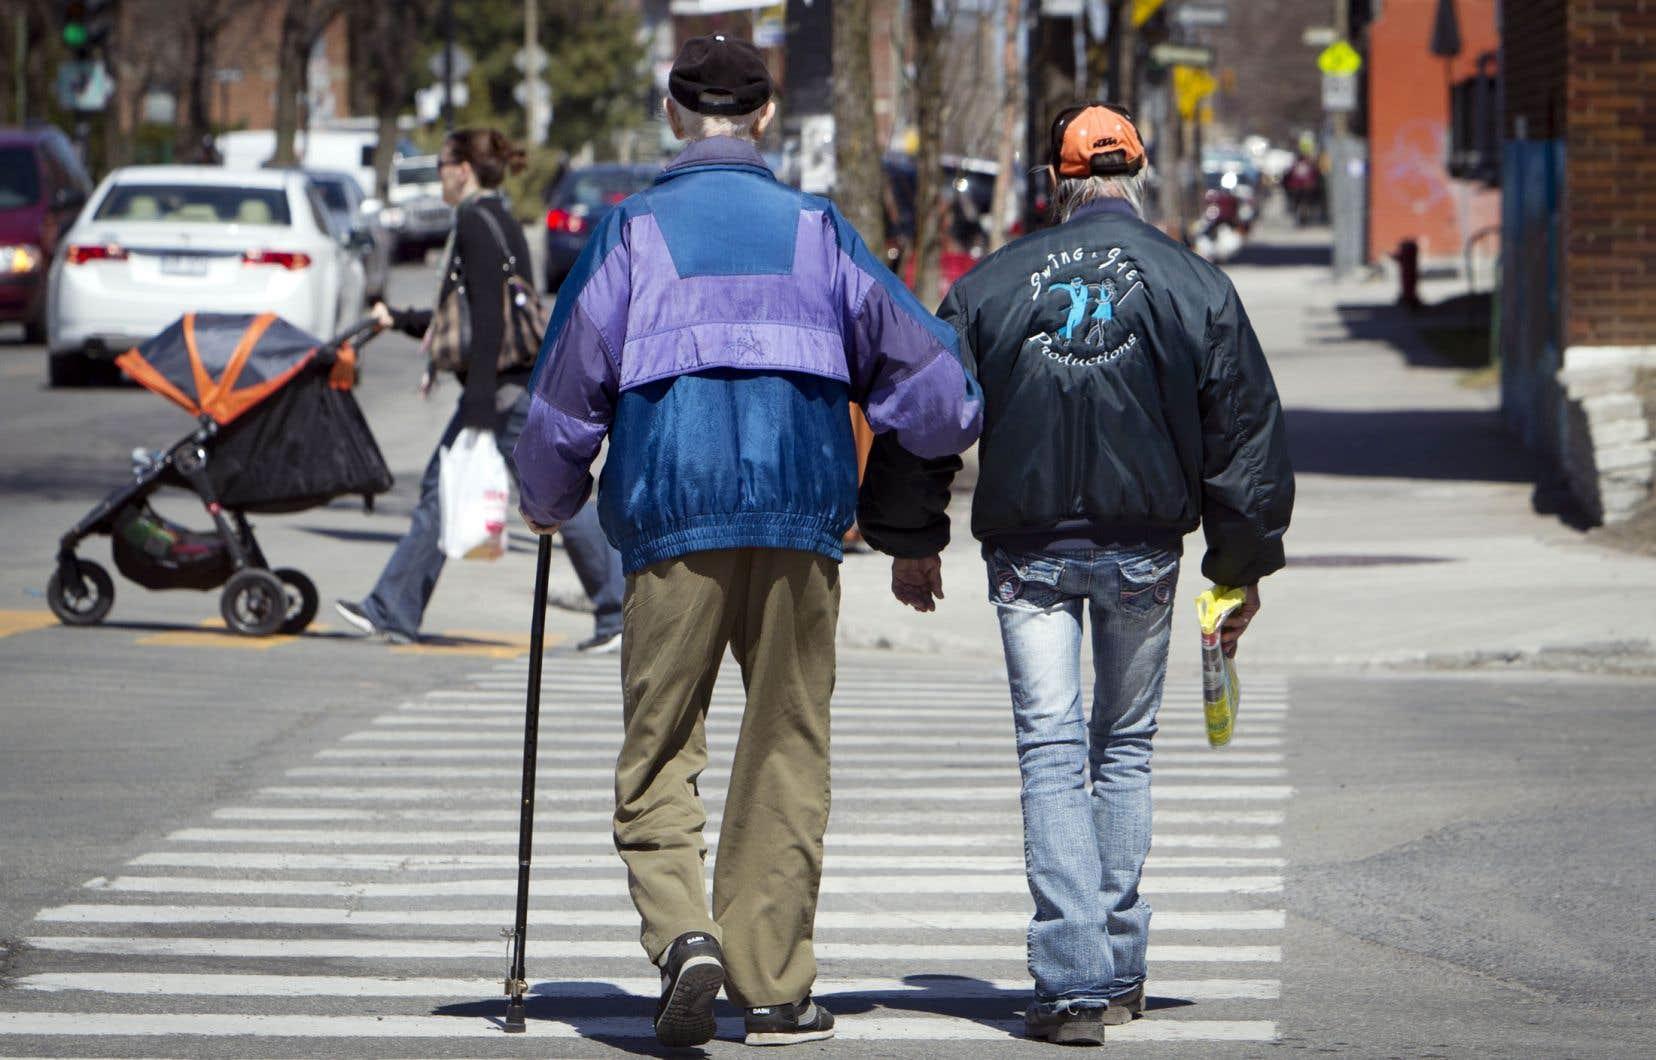 En 1980, on comptait une moyenne de 20 personnes de 65ans et plus pour 100 personnes d'âge actif dans les pays développés. Ce nombre est aujourd'hui de 28.